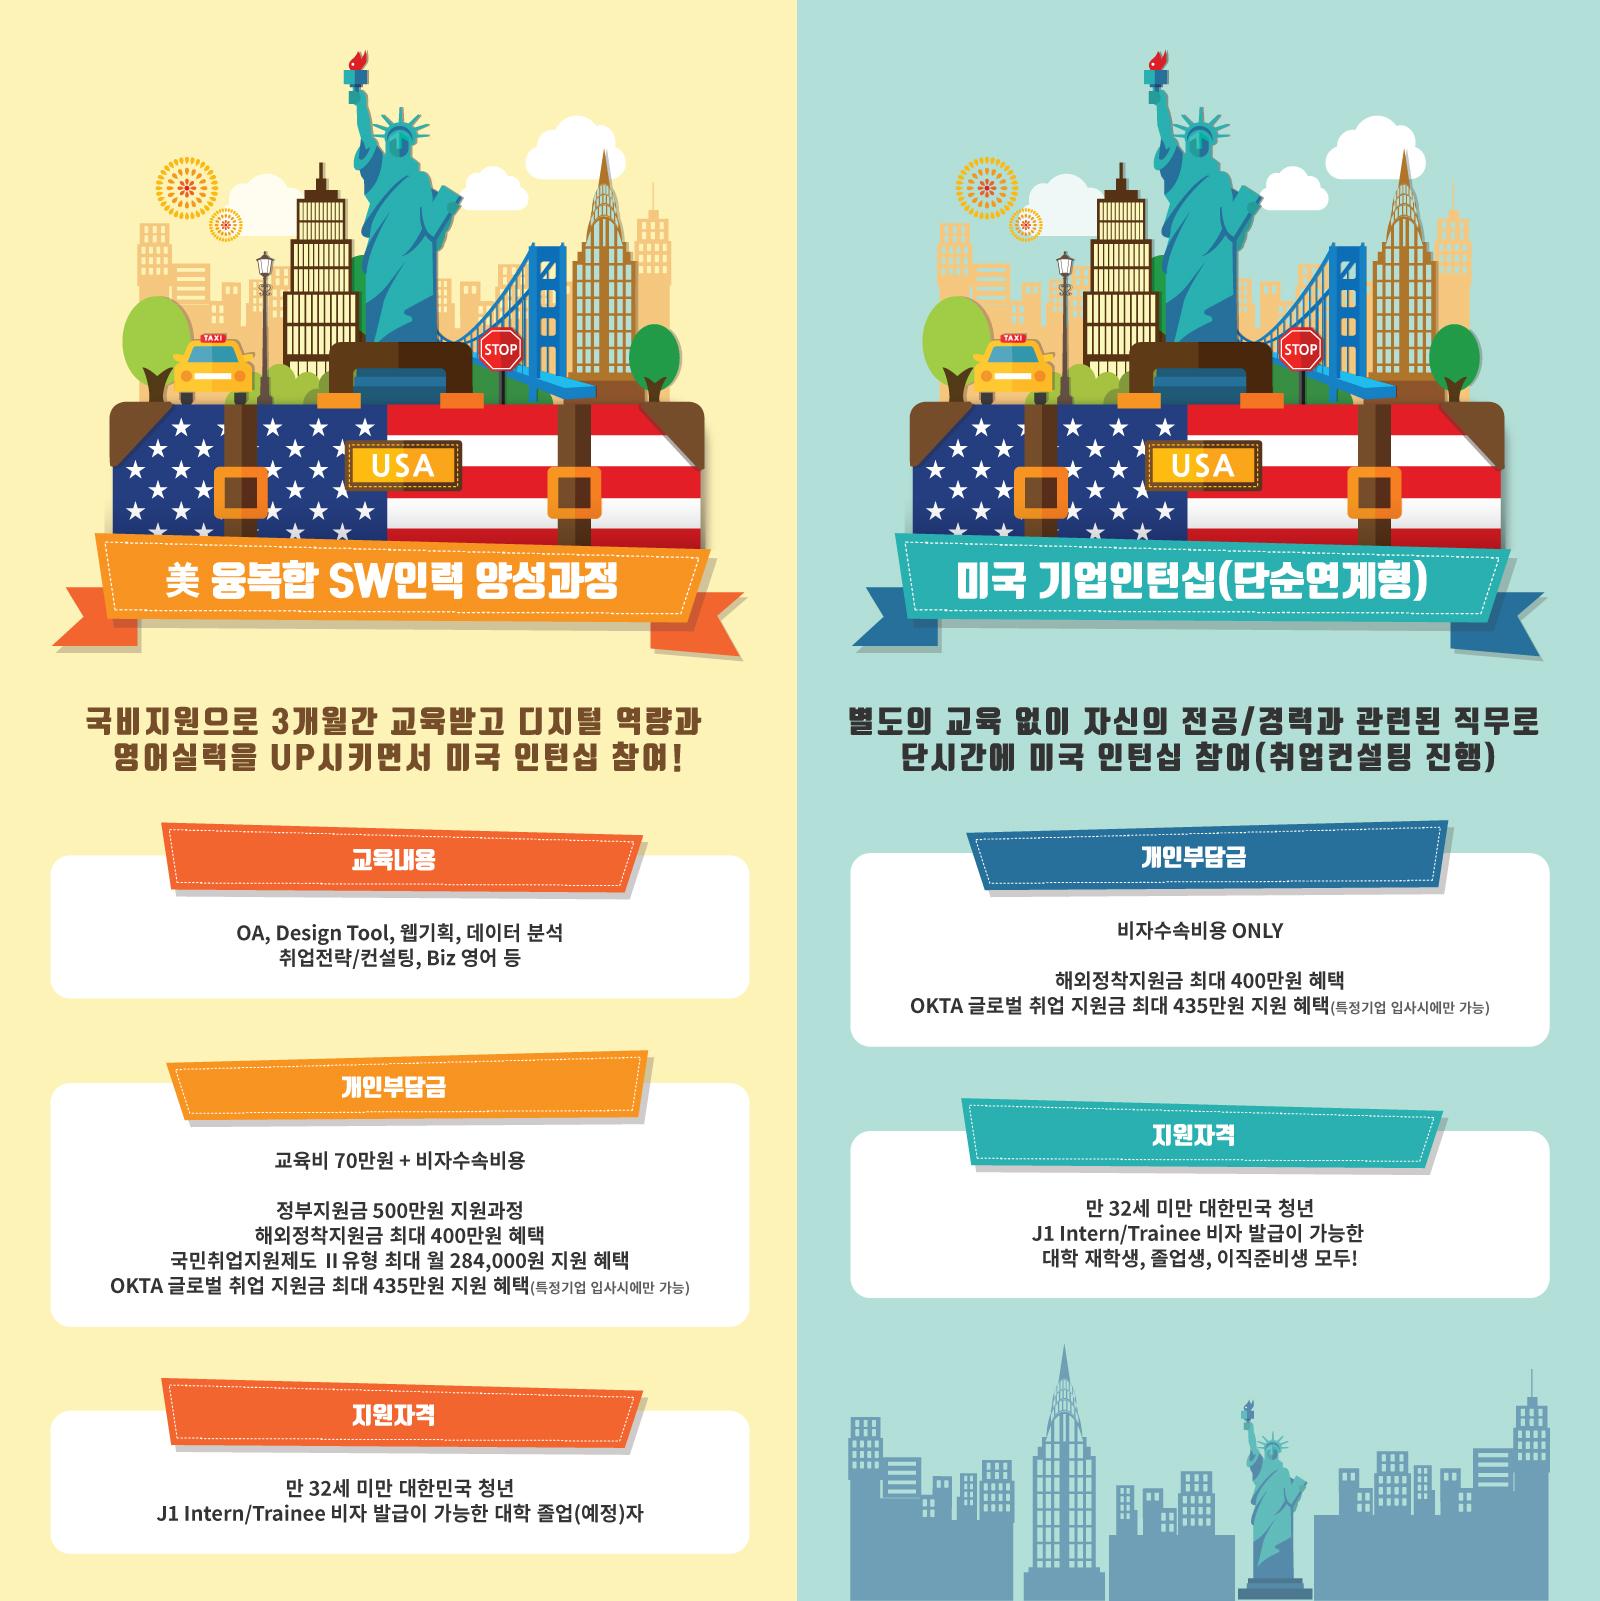 미국 인턴십 과정